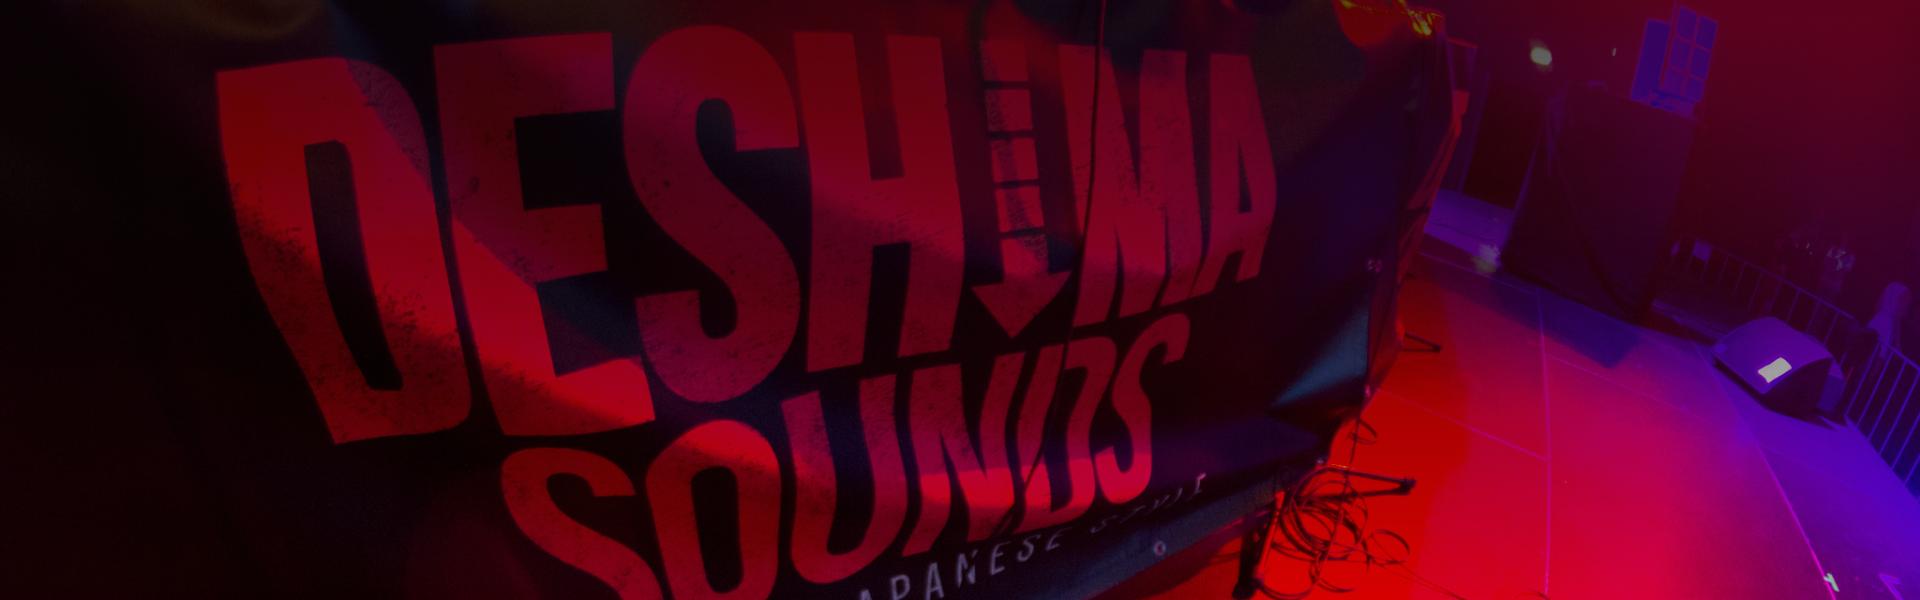 Deshima Sounds